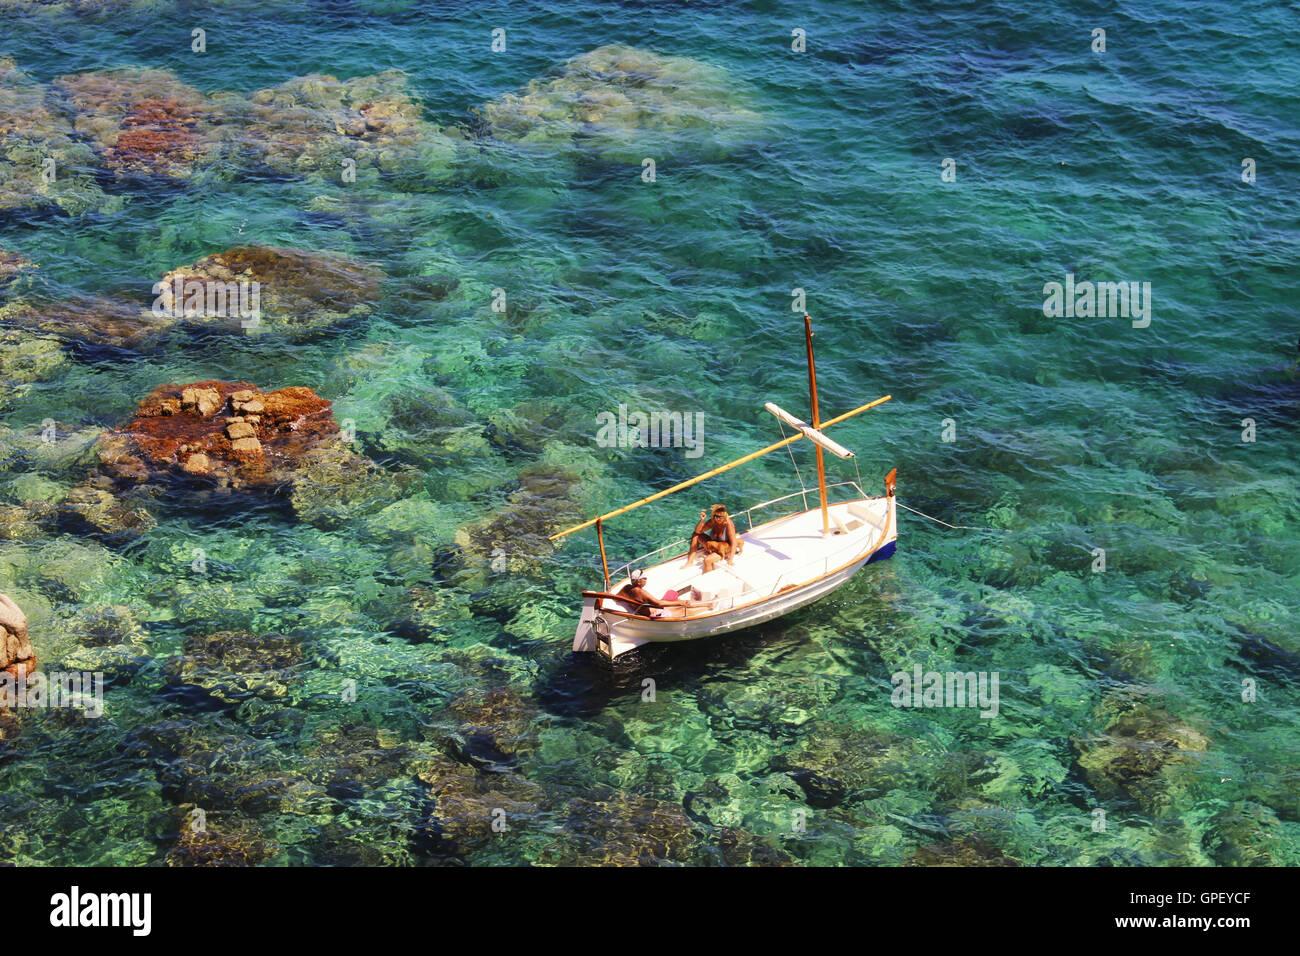 Girona, Spagna - 14 agosto 2016: la gente che prende il sole sul una barca sopra il verde trasparente mare mediterraneo Immagini Stock